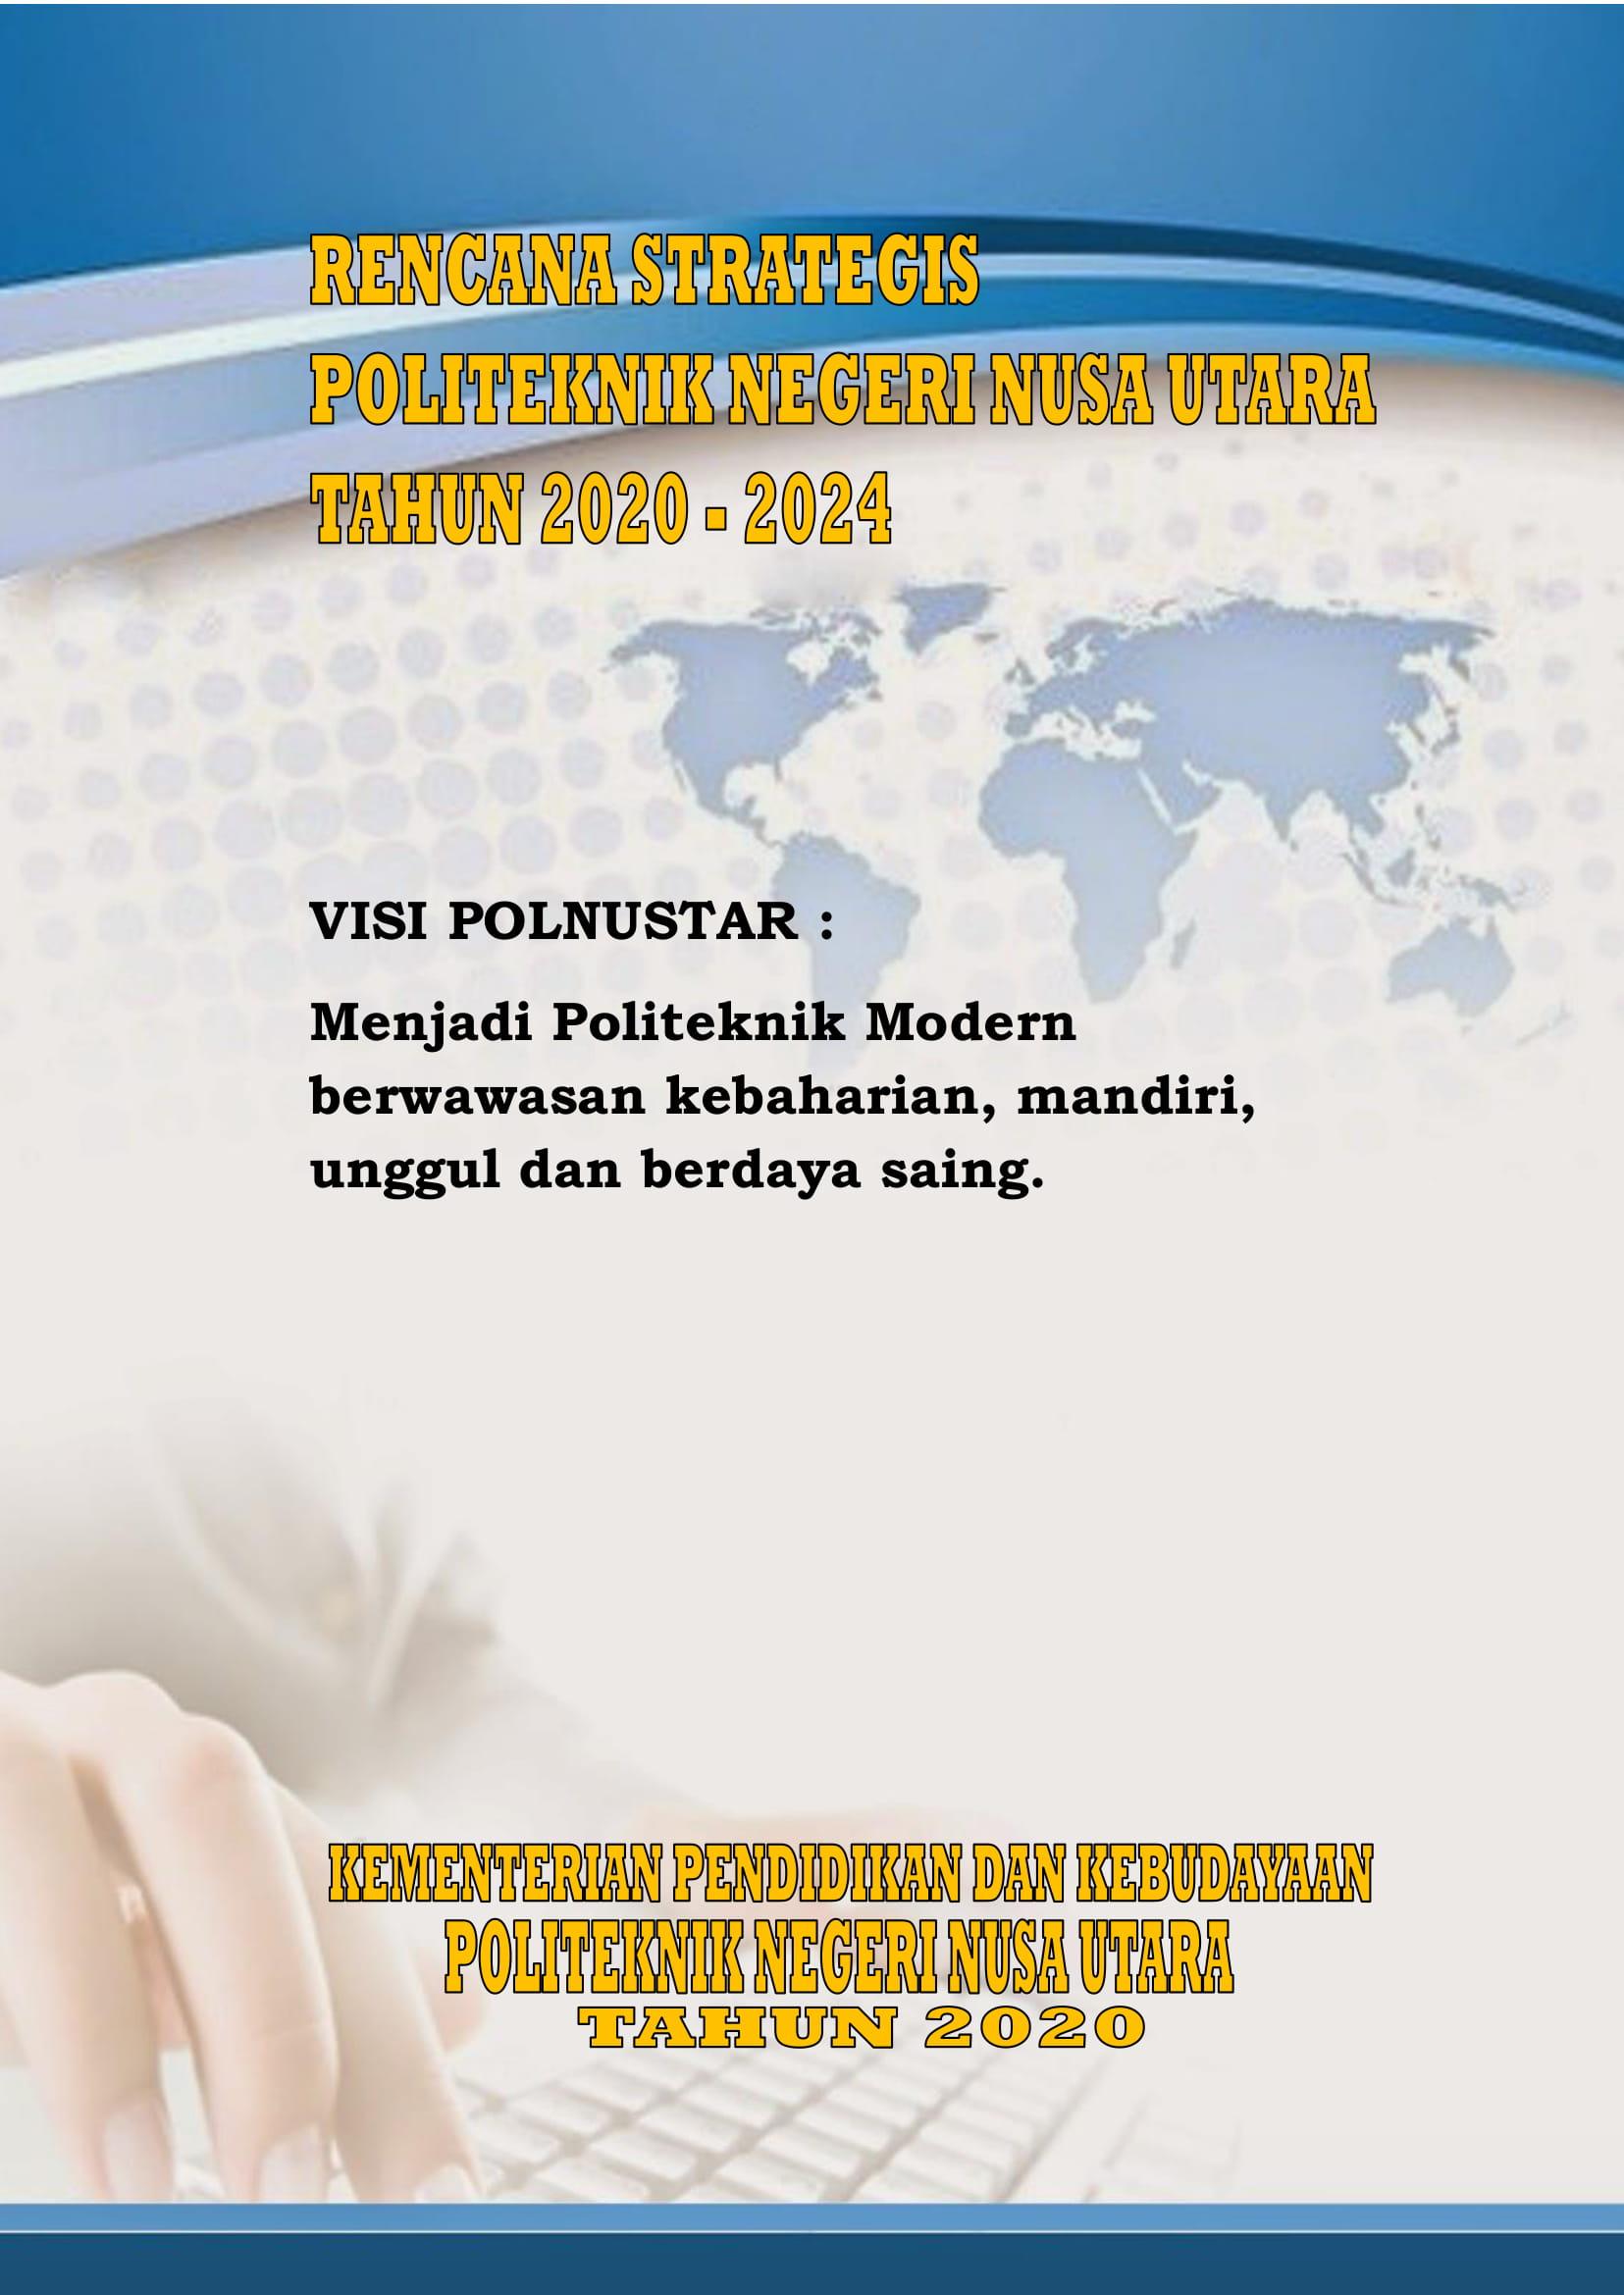 Rencana Strategis Politeknik Negeri Nusa Utara Tahun 2020 – 2024